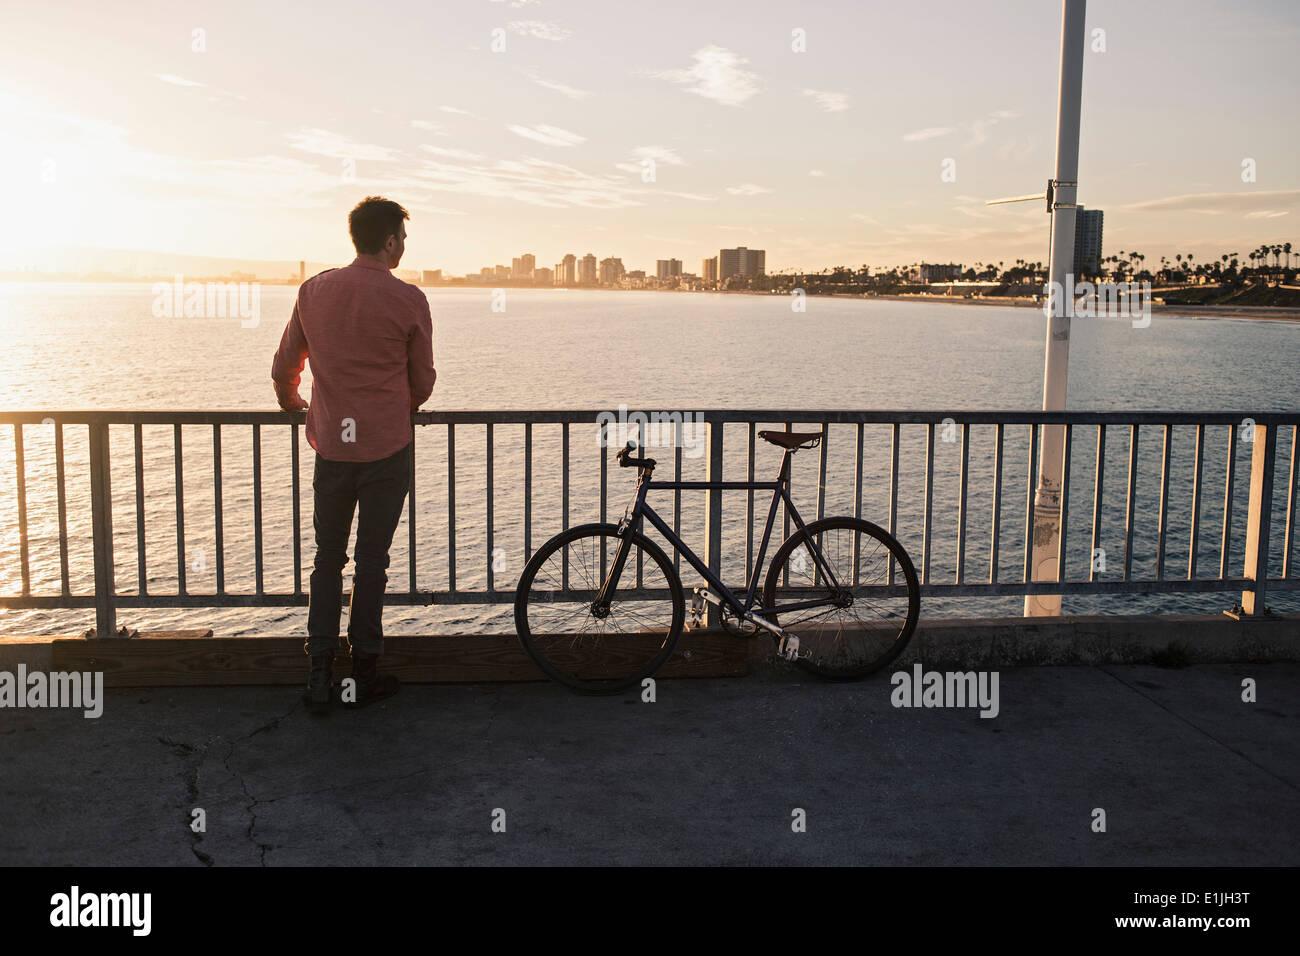 Joven mirando desde el muelle, Long Beach, California, EE.UU. Imagen De Stock